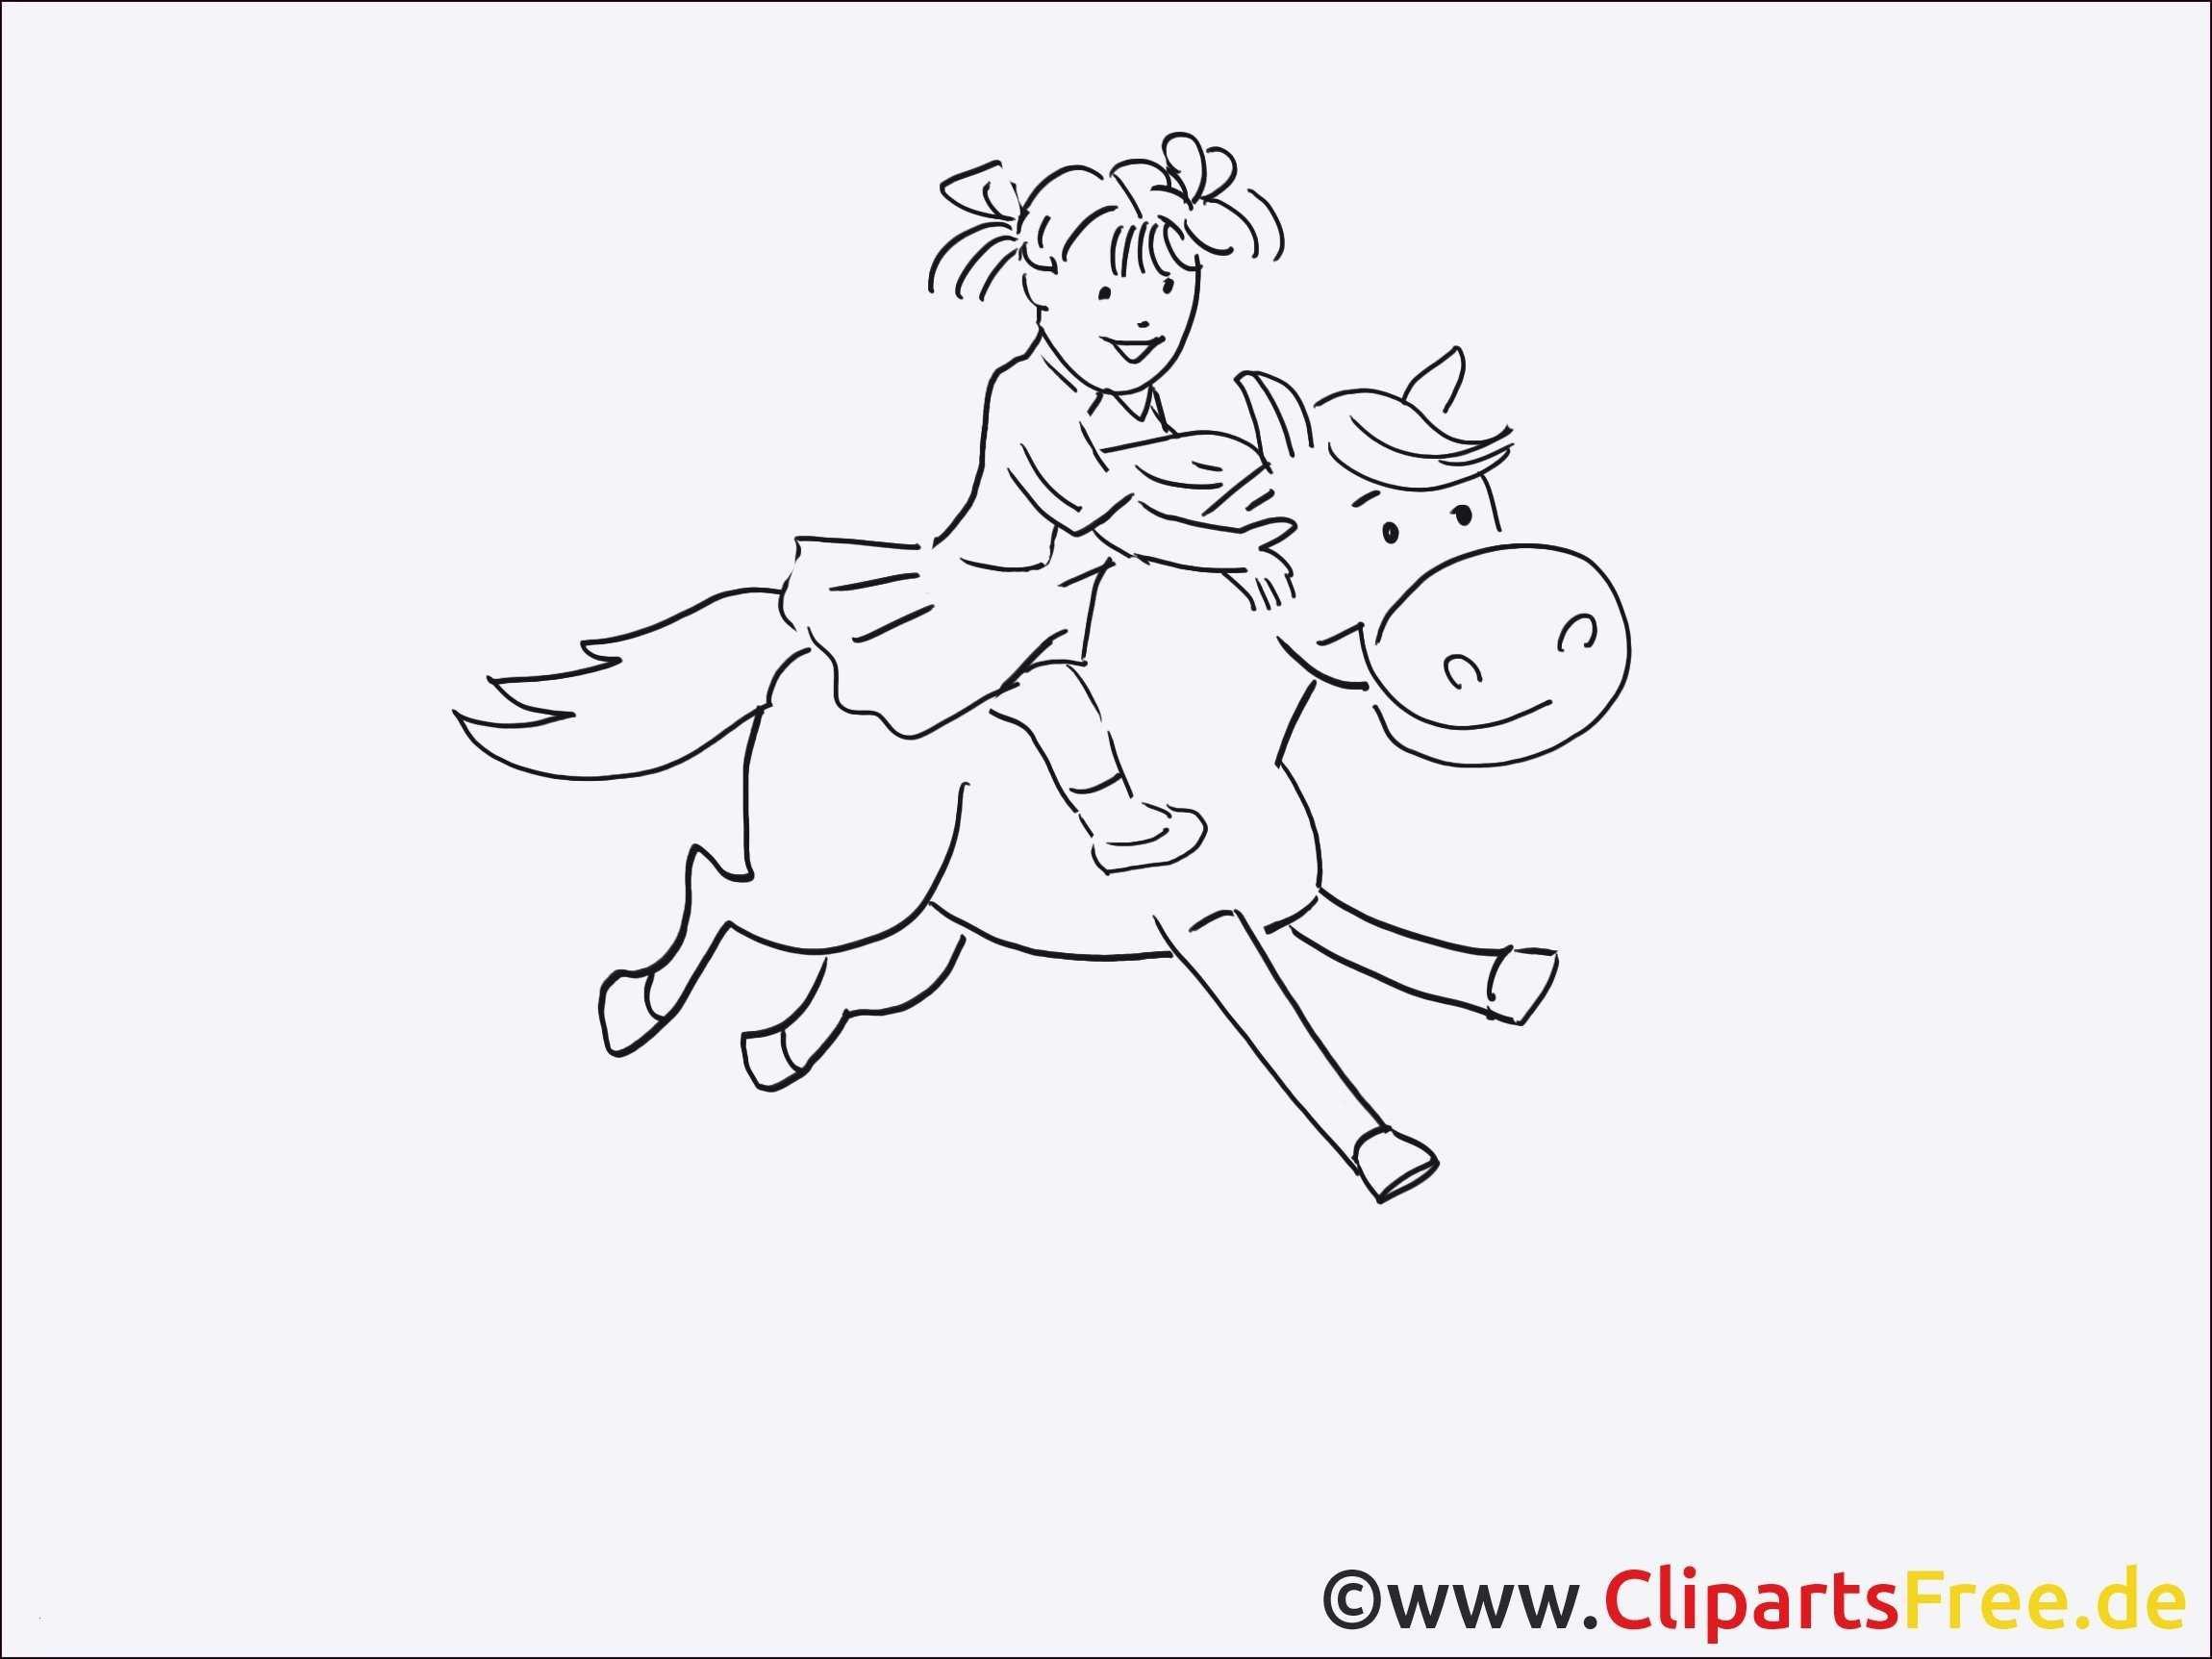 My Little Pony Ausmalbild Das Beste Von Mein Kleines Pony Ausmalbilder Idee Ausmalbilder Pferde Mit Madchen Fotos